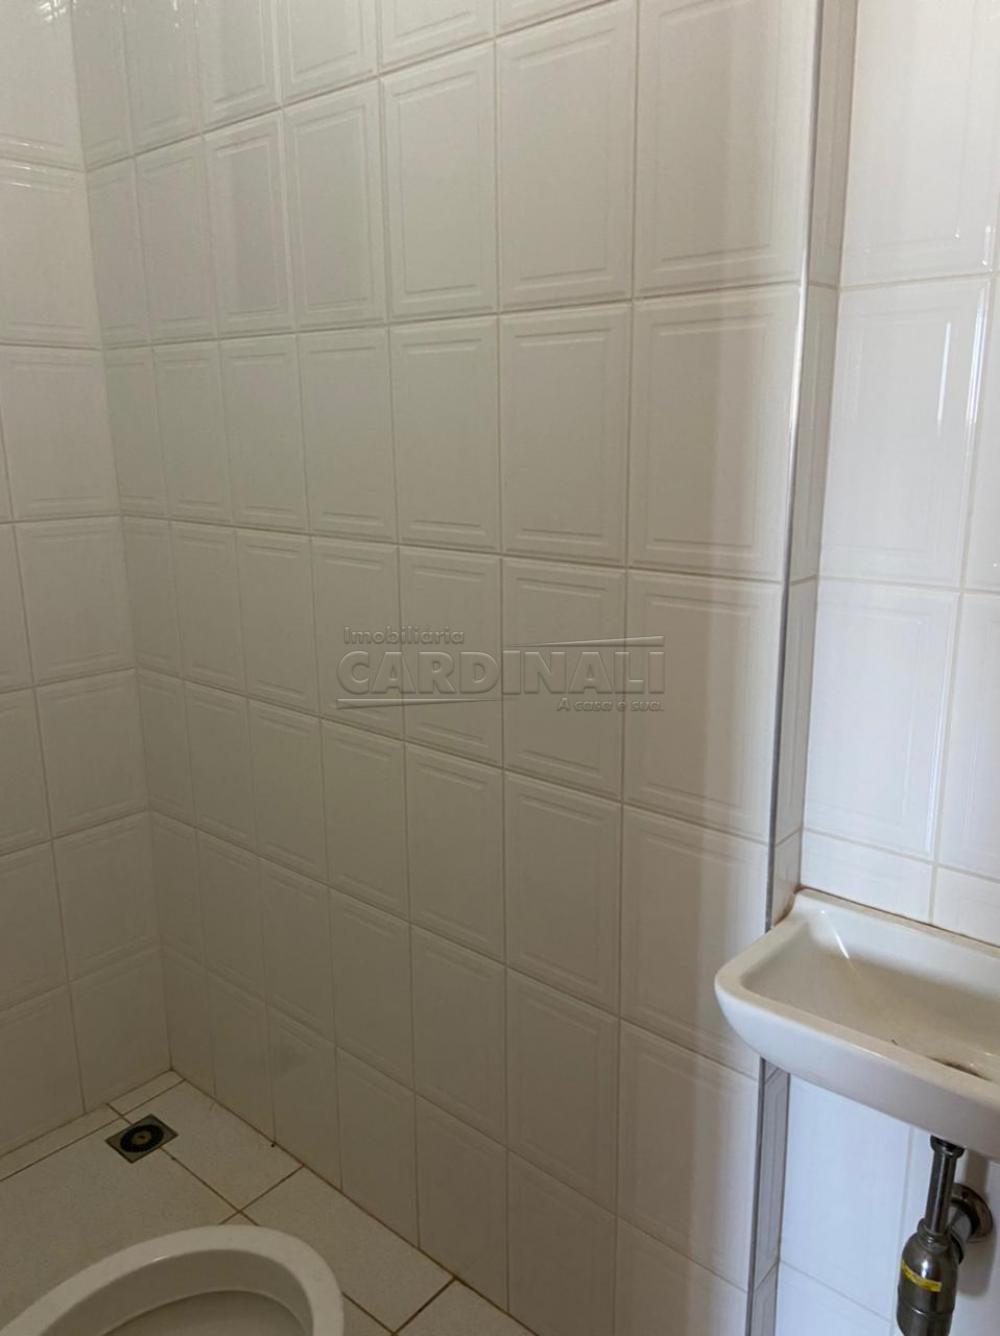 Alugar Apartamento / Padrão em São Carlos R$ 1.778,00 - Foto 17